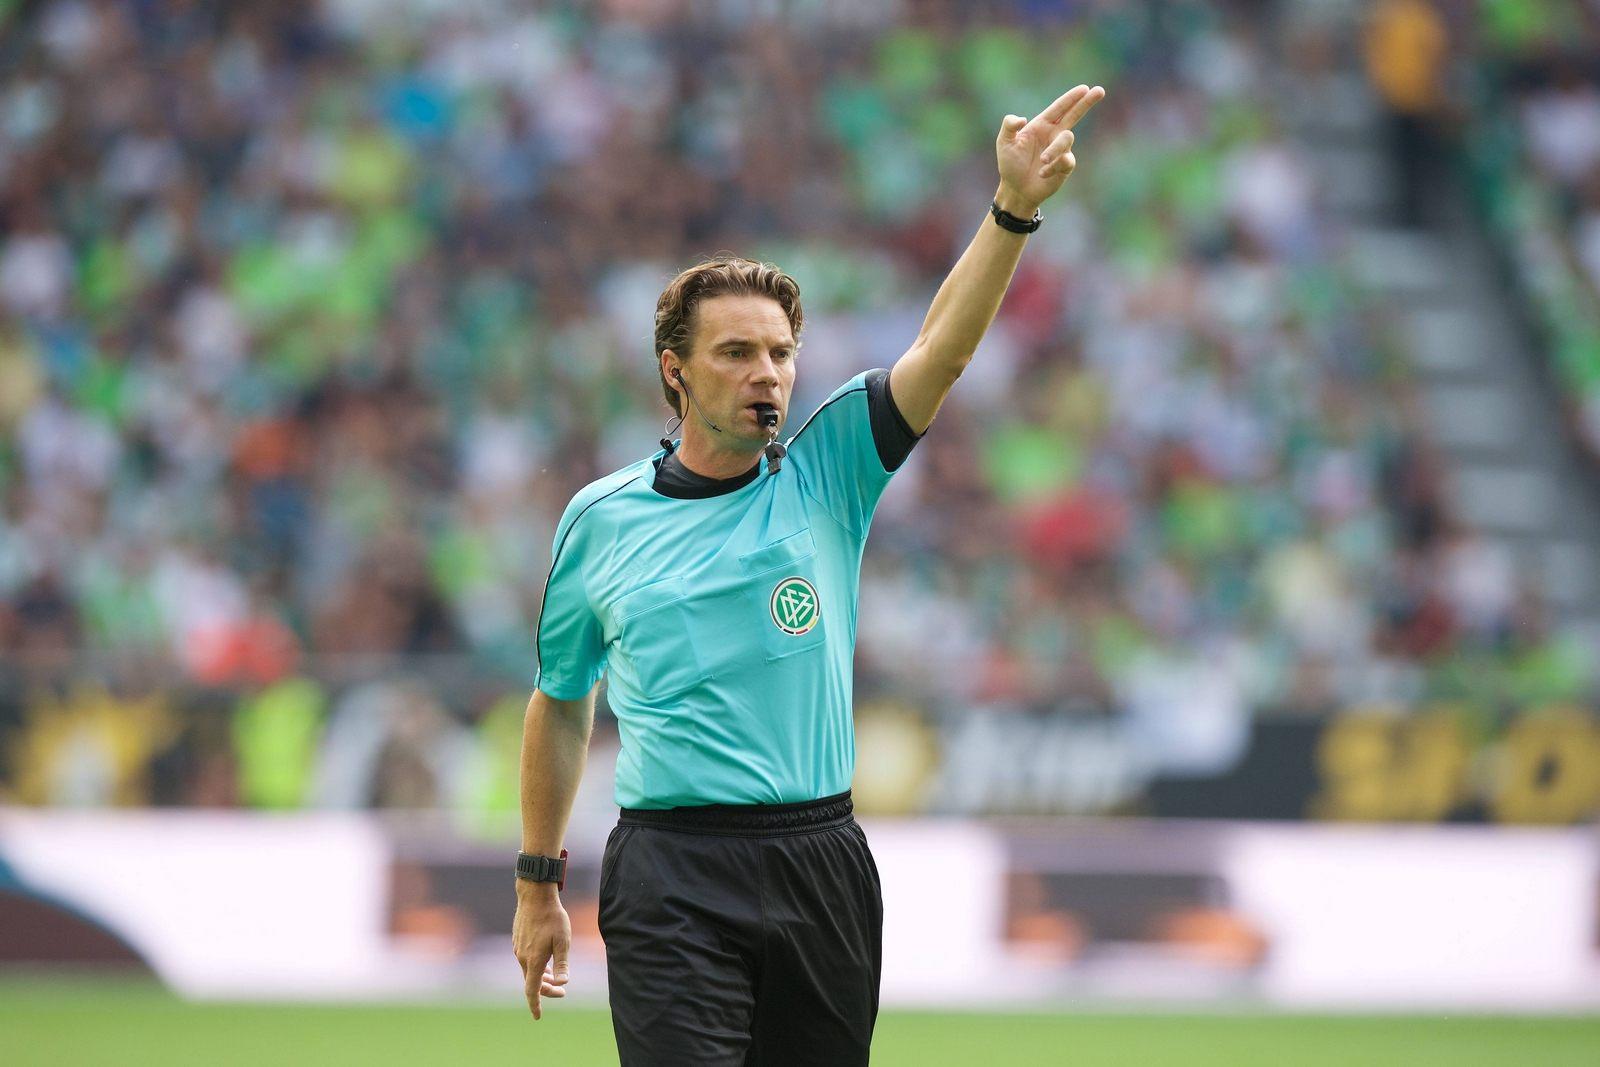 Schiedsrichter Guido Winkmann